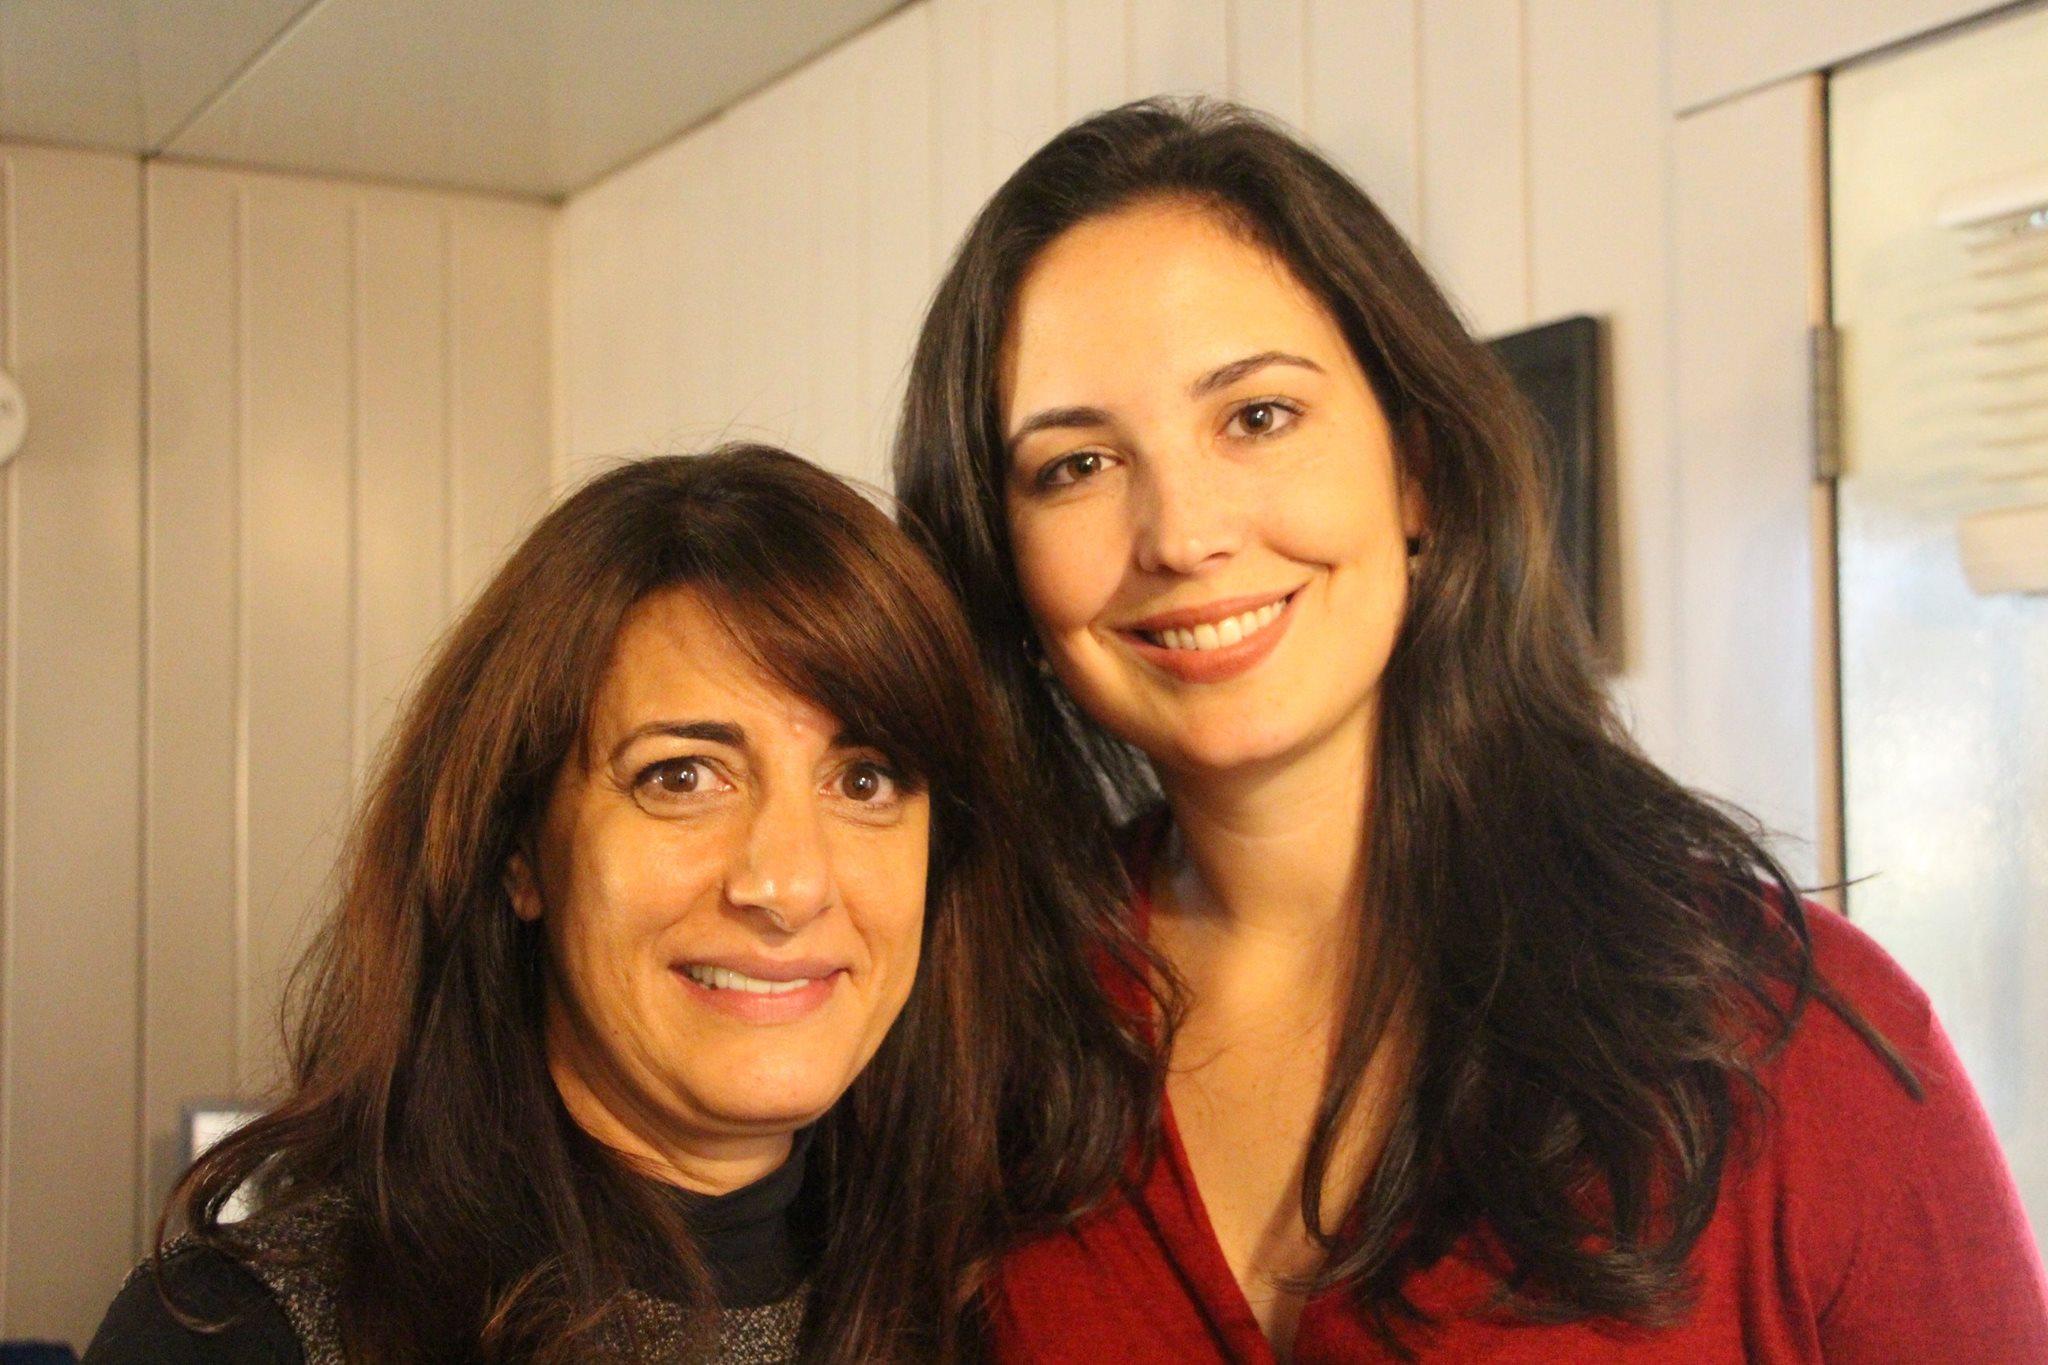 Kelly Danner and Shiva Bidar